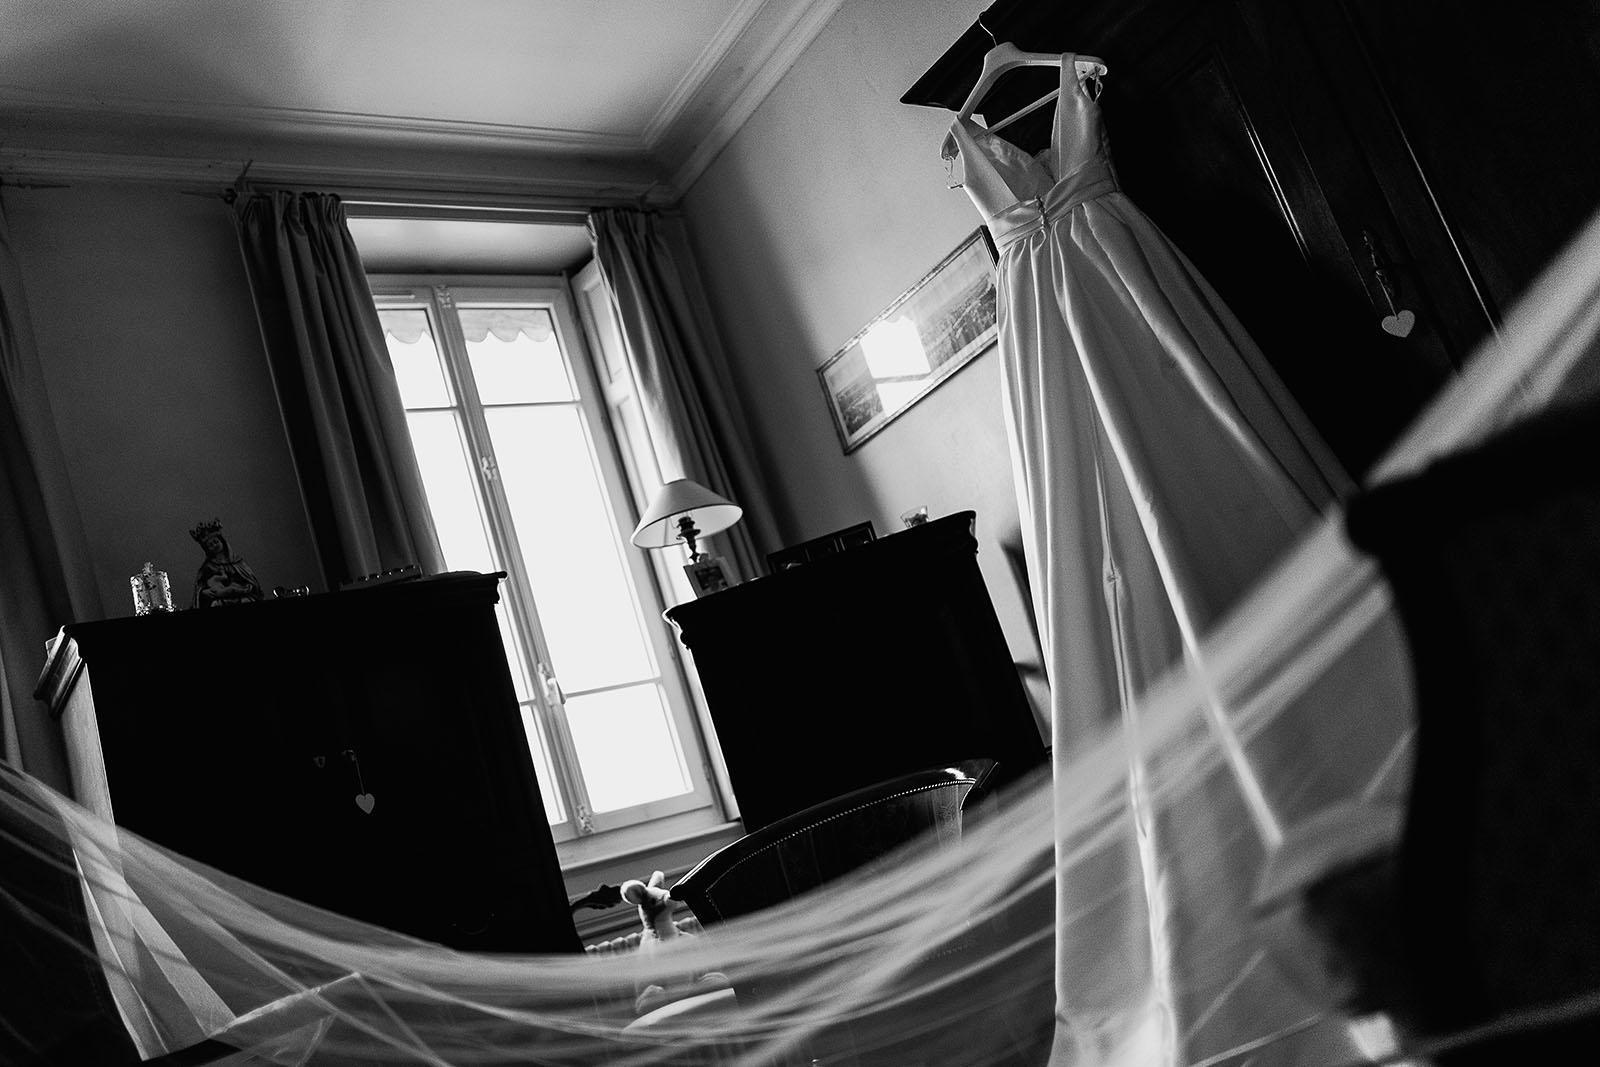 Mariage à Lyon Presqu'île -Castille ALMA - photographe de mariage (8)